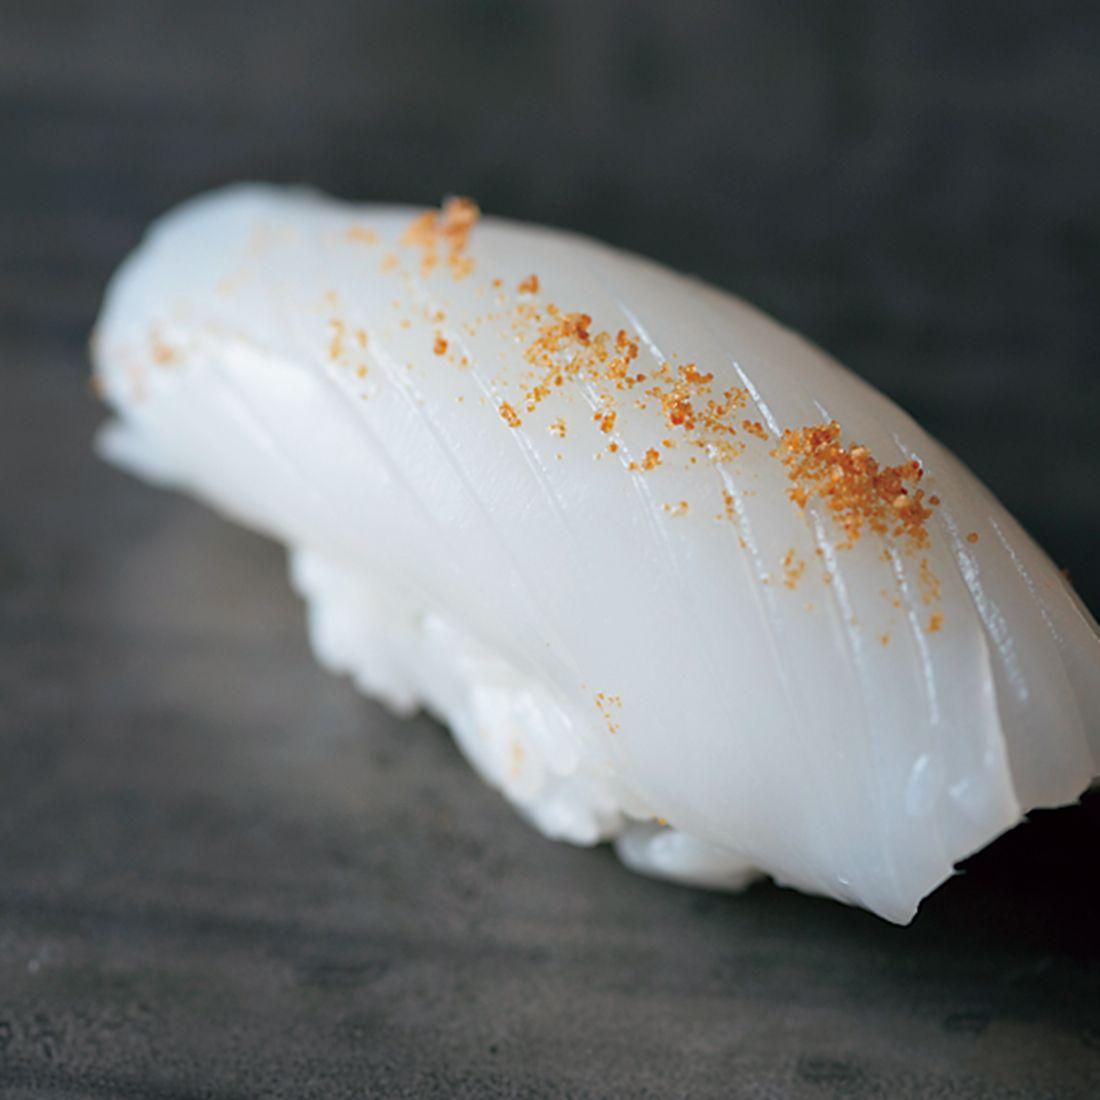 『奴寿司』。